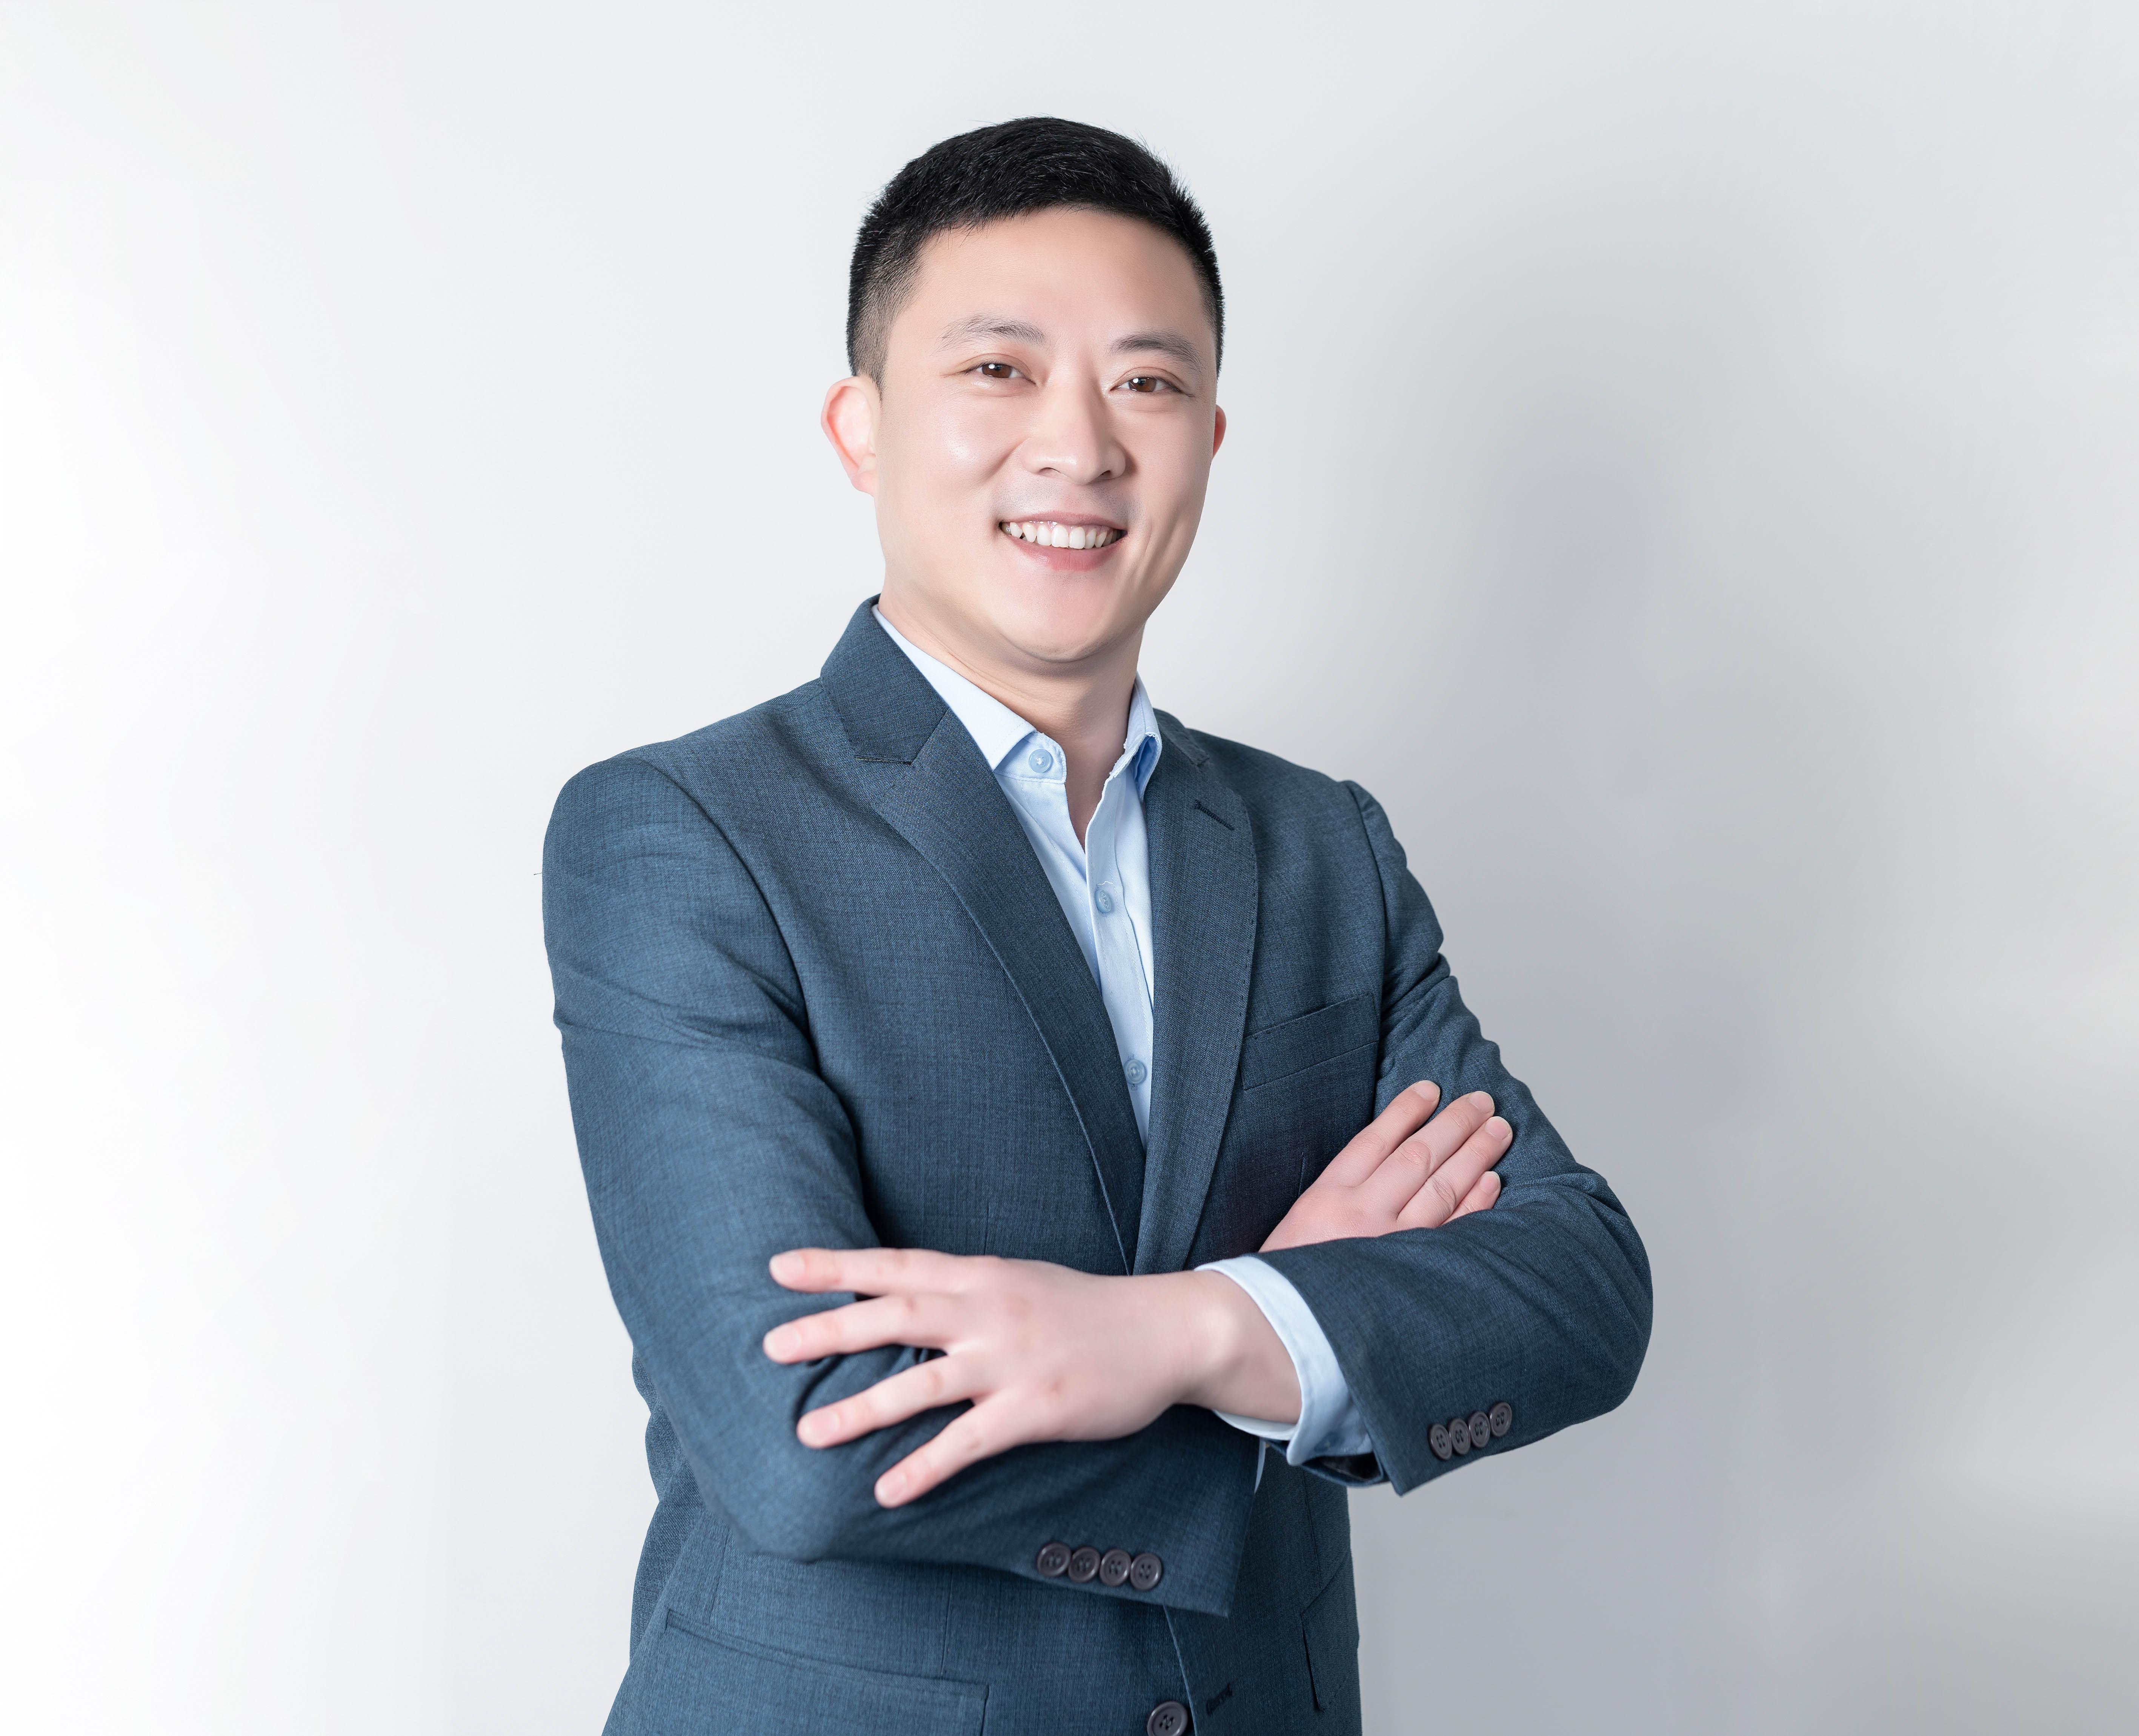 【看行业】丽博家居总经理胡国帅:求发展要顺势而为,